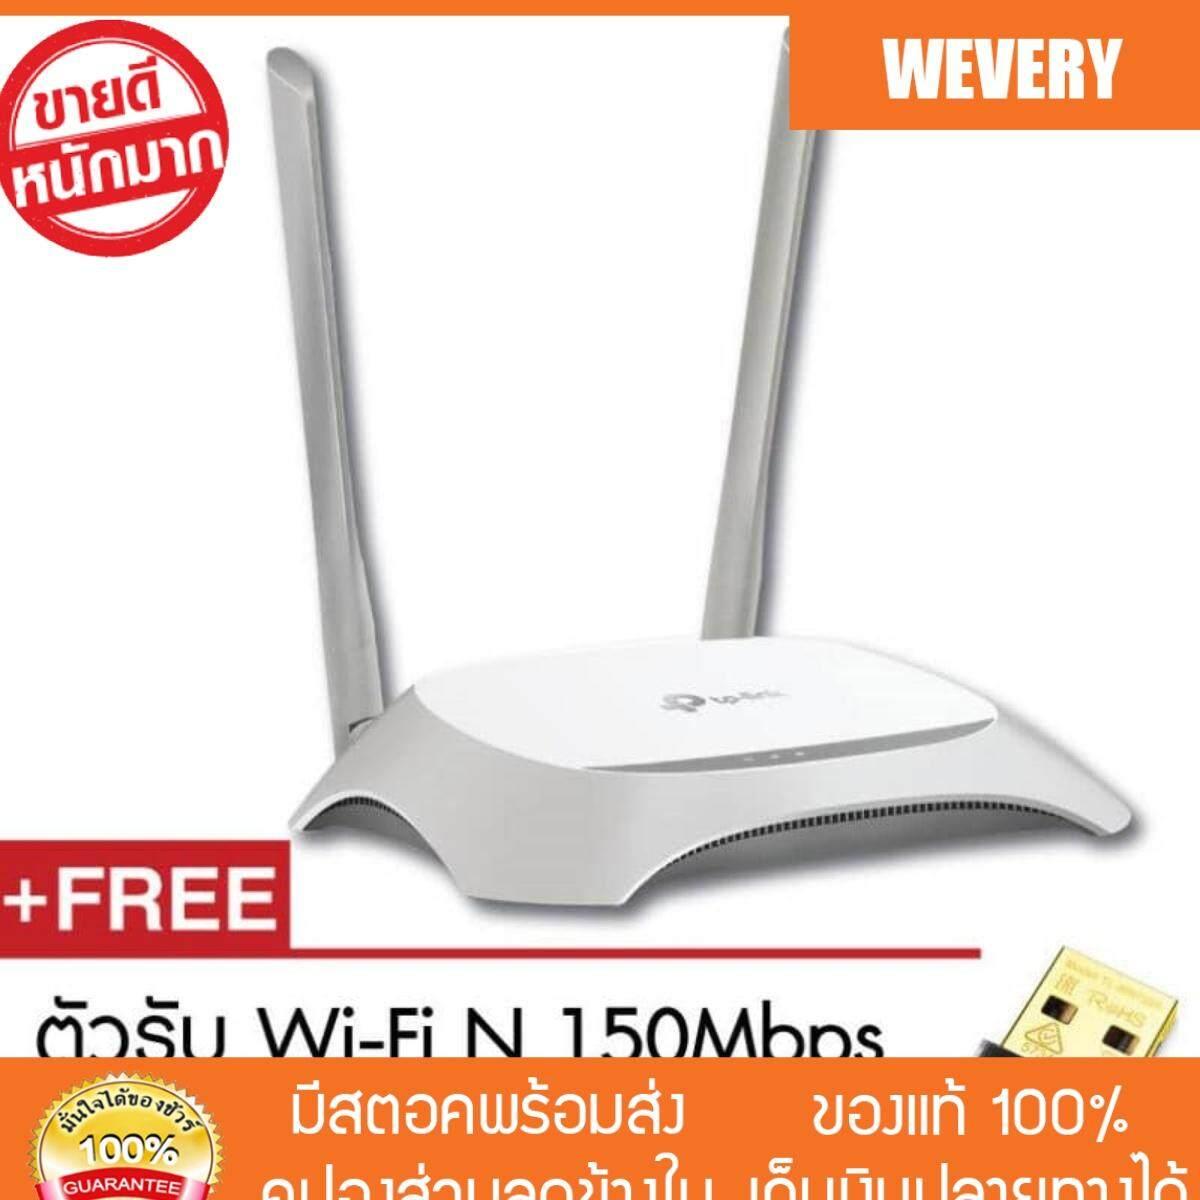 เก็บเงินปลายทางได้ [Wevery] TP-Link TL-WR840N เราเตอร์ W-Fi (300Mbps Wireless N Router) เร้าเตอร์ไวไฟ ส่ง Kerry เก็บปลายทางได้